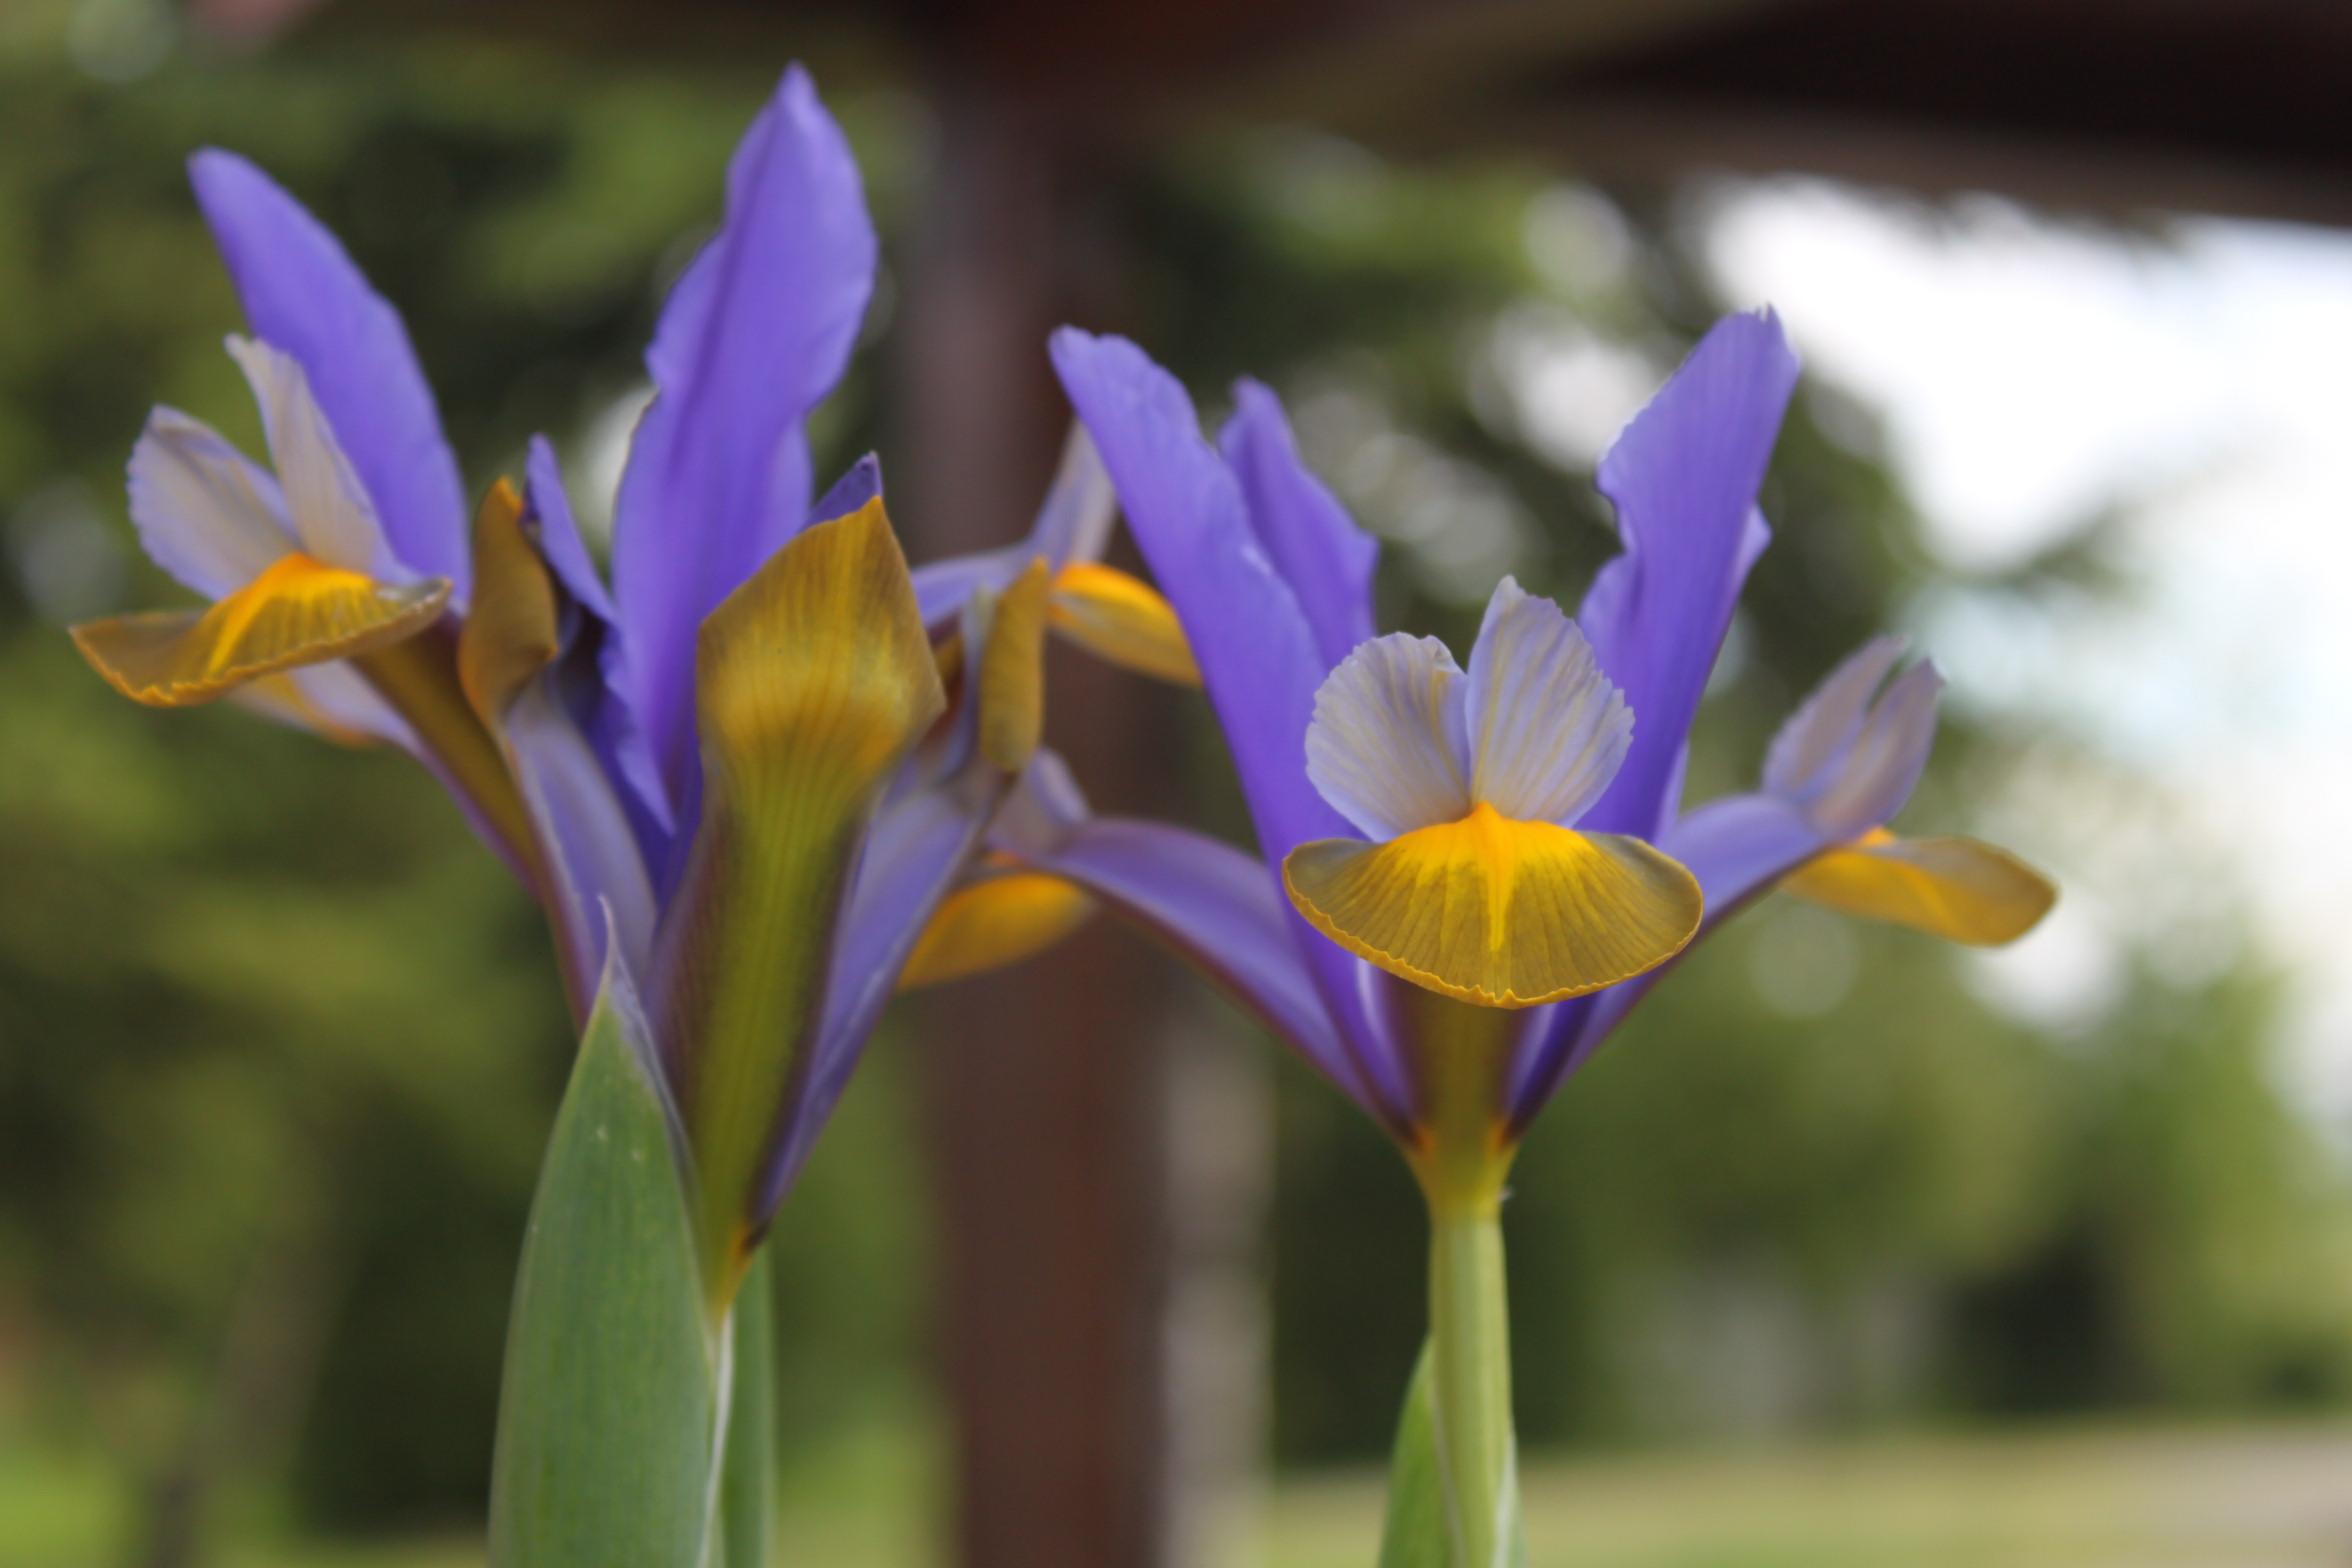 Bezaubernd Blumen Mai Sammlung Von San Luigi Genommen Nur Ein Paar Klicks